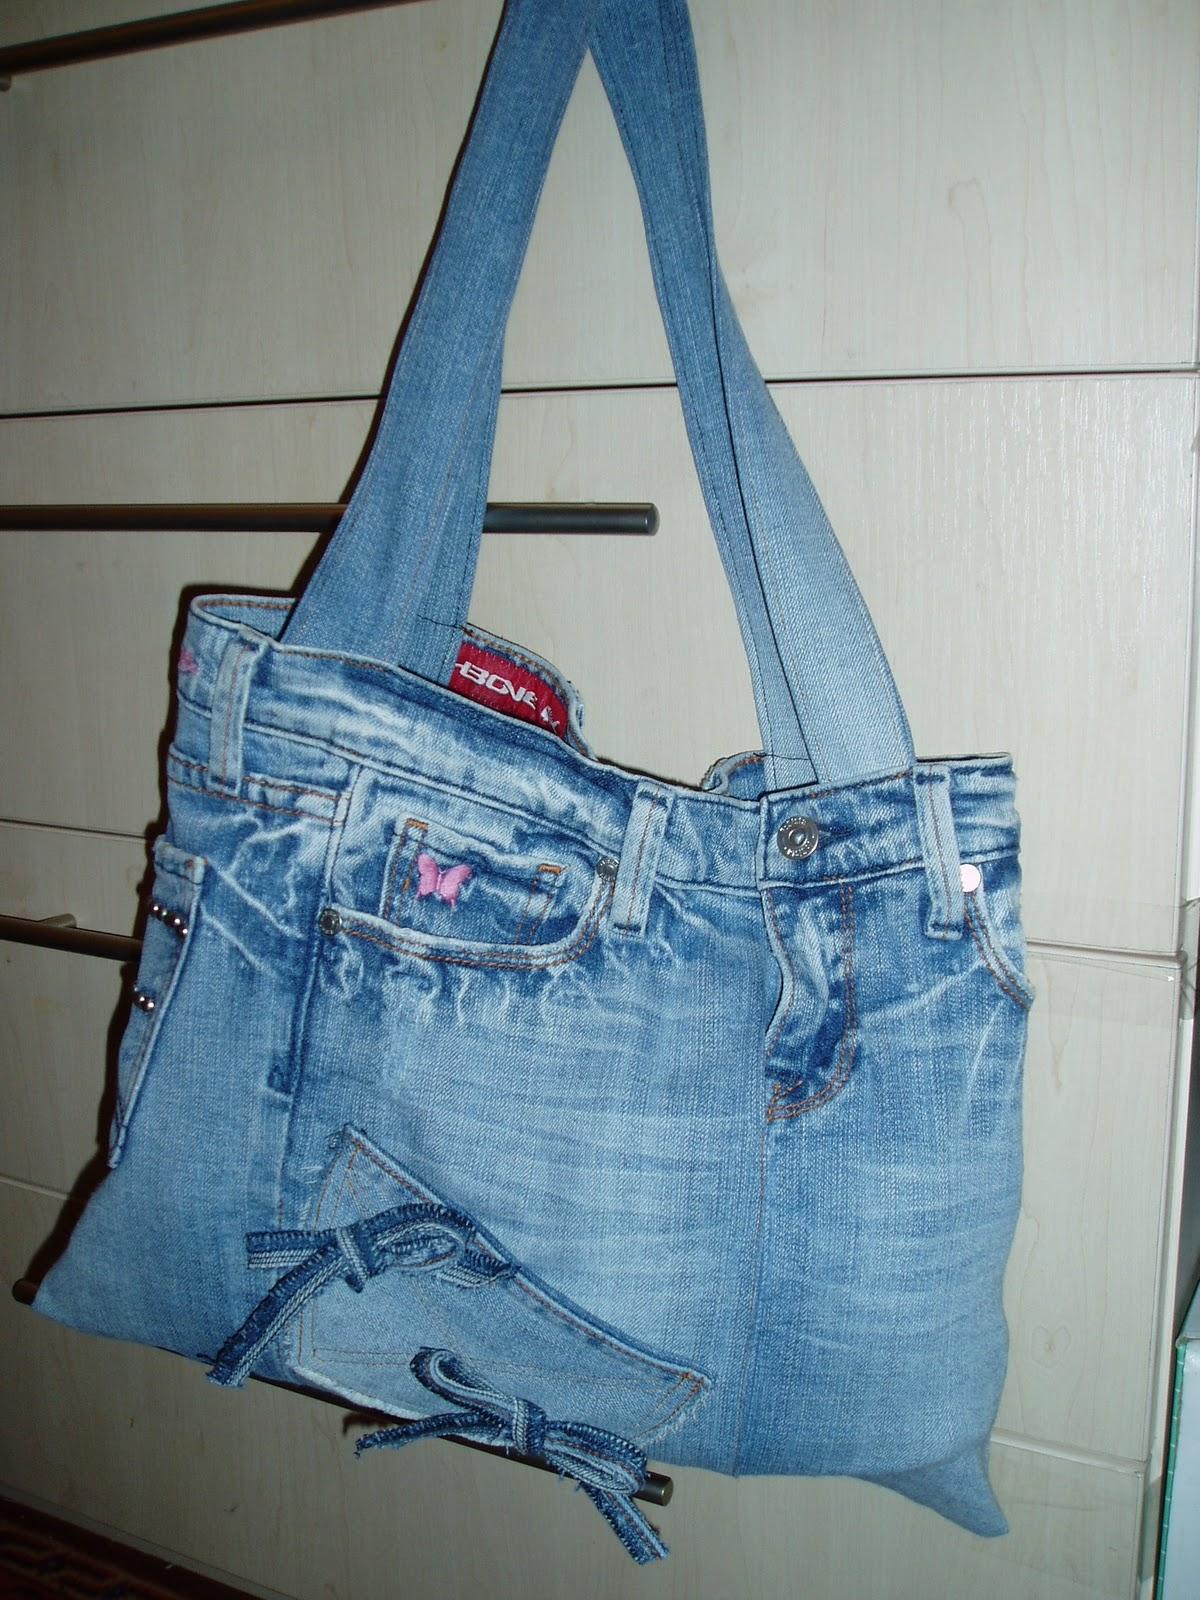 Брюки своими руками сумки 309